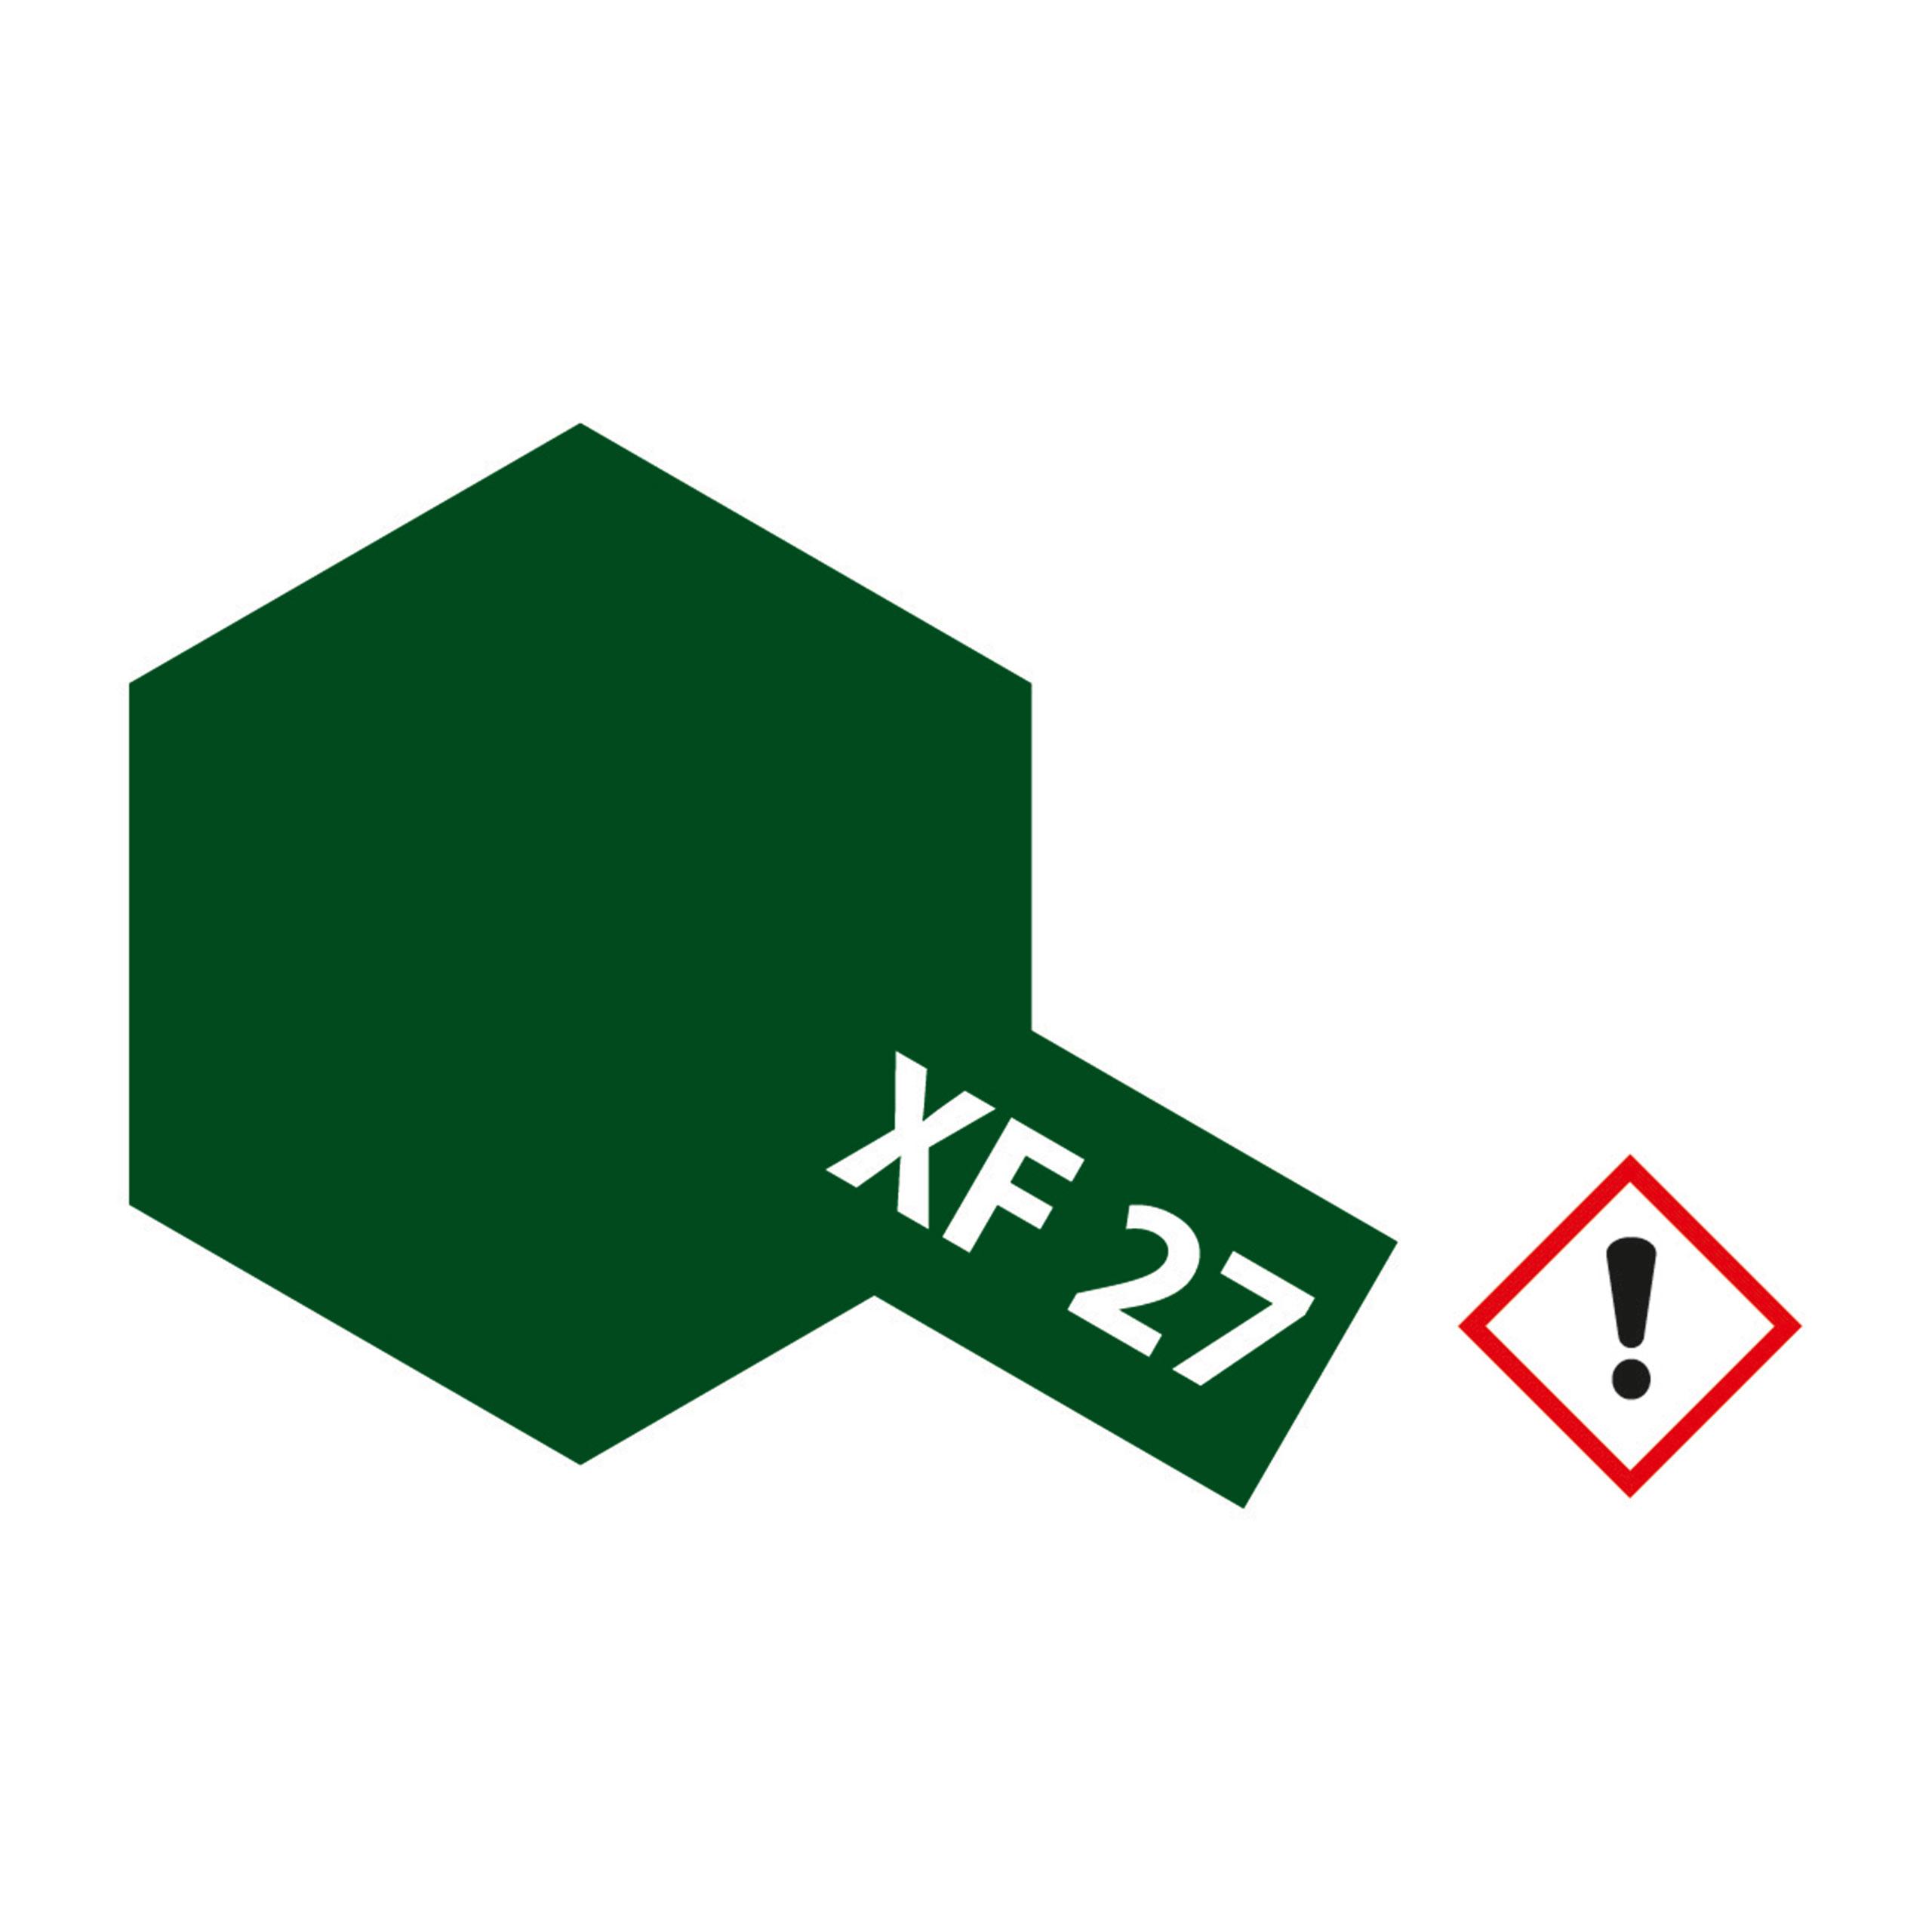 XF-27 Schwarz Gruen matt - 23ml Acrylstreichfarbe wasserloeslich Tamiya 300081327